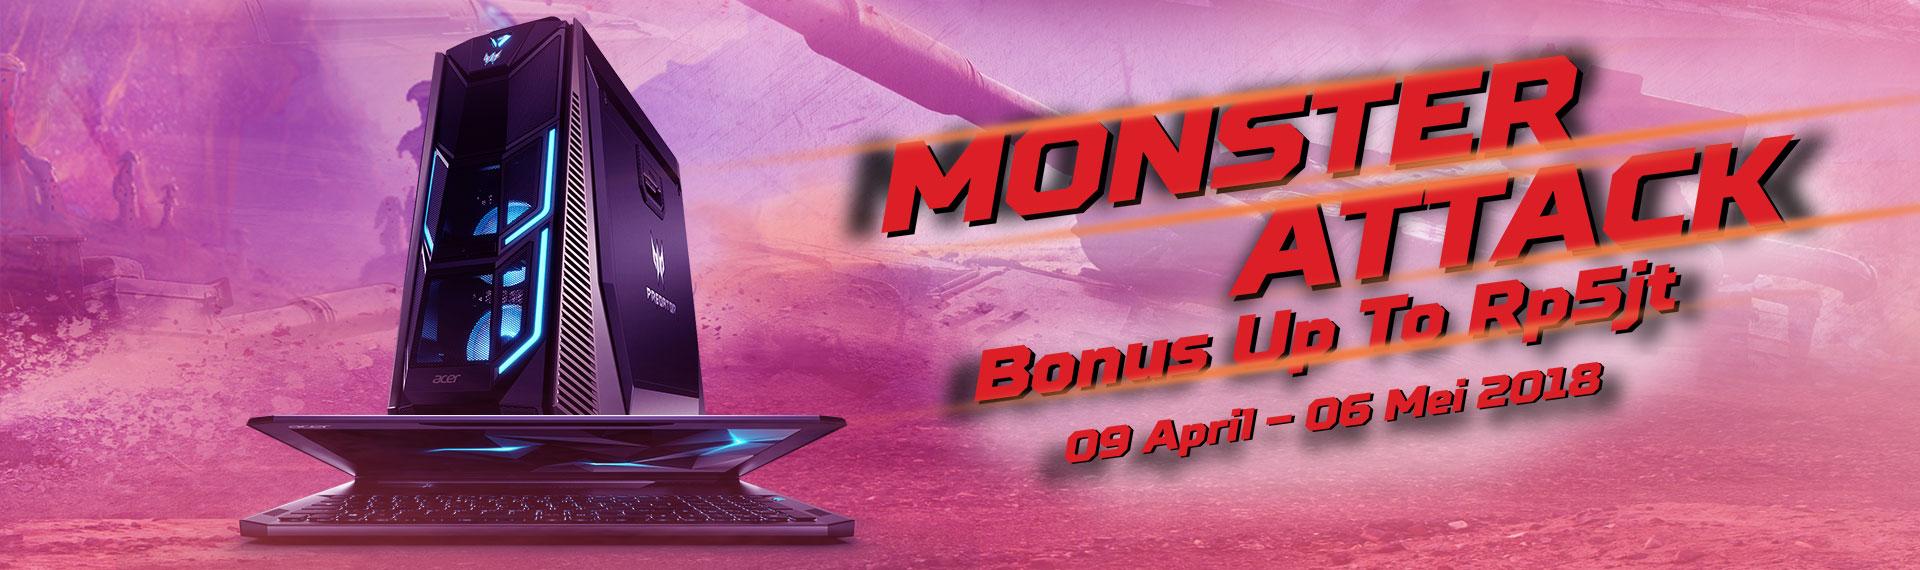 Miliki Predator Gaming Series dan Berbagai Bonusnya di Promo Monster Attack